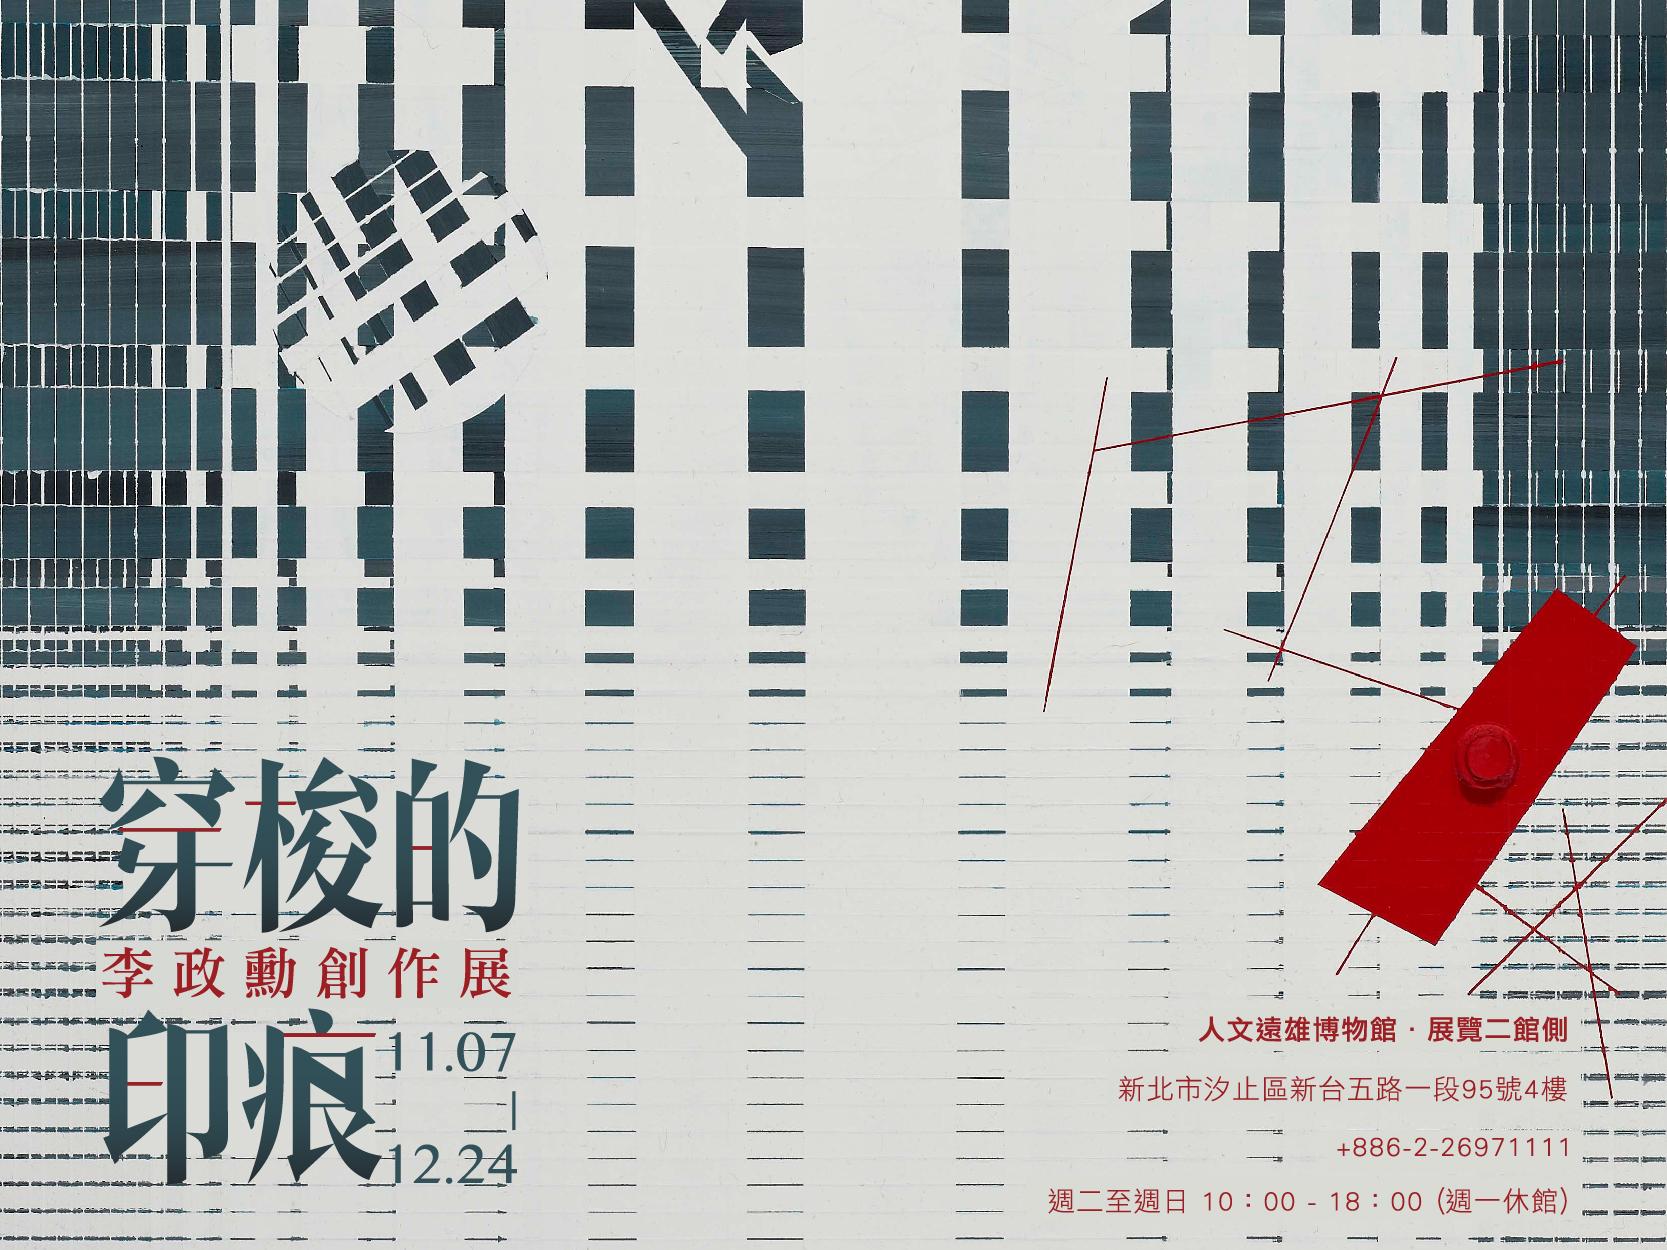 【展覽資訊|穿梭的印痕—李政勳創作展 】